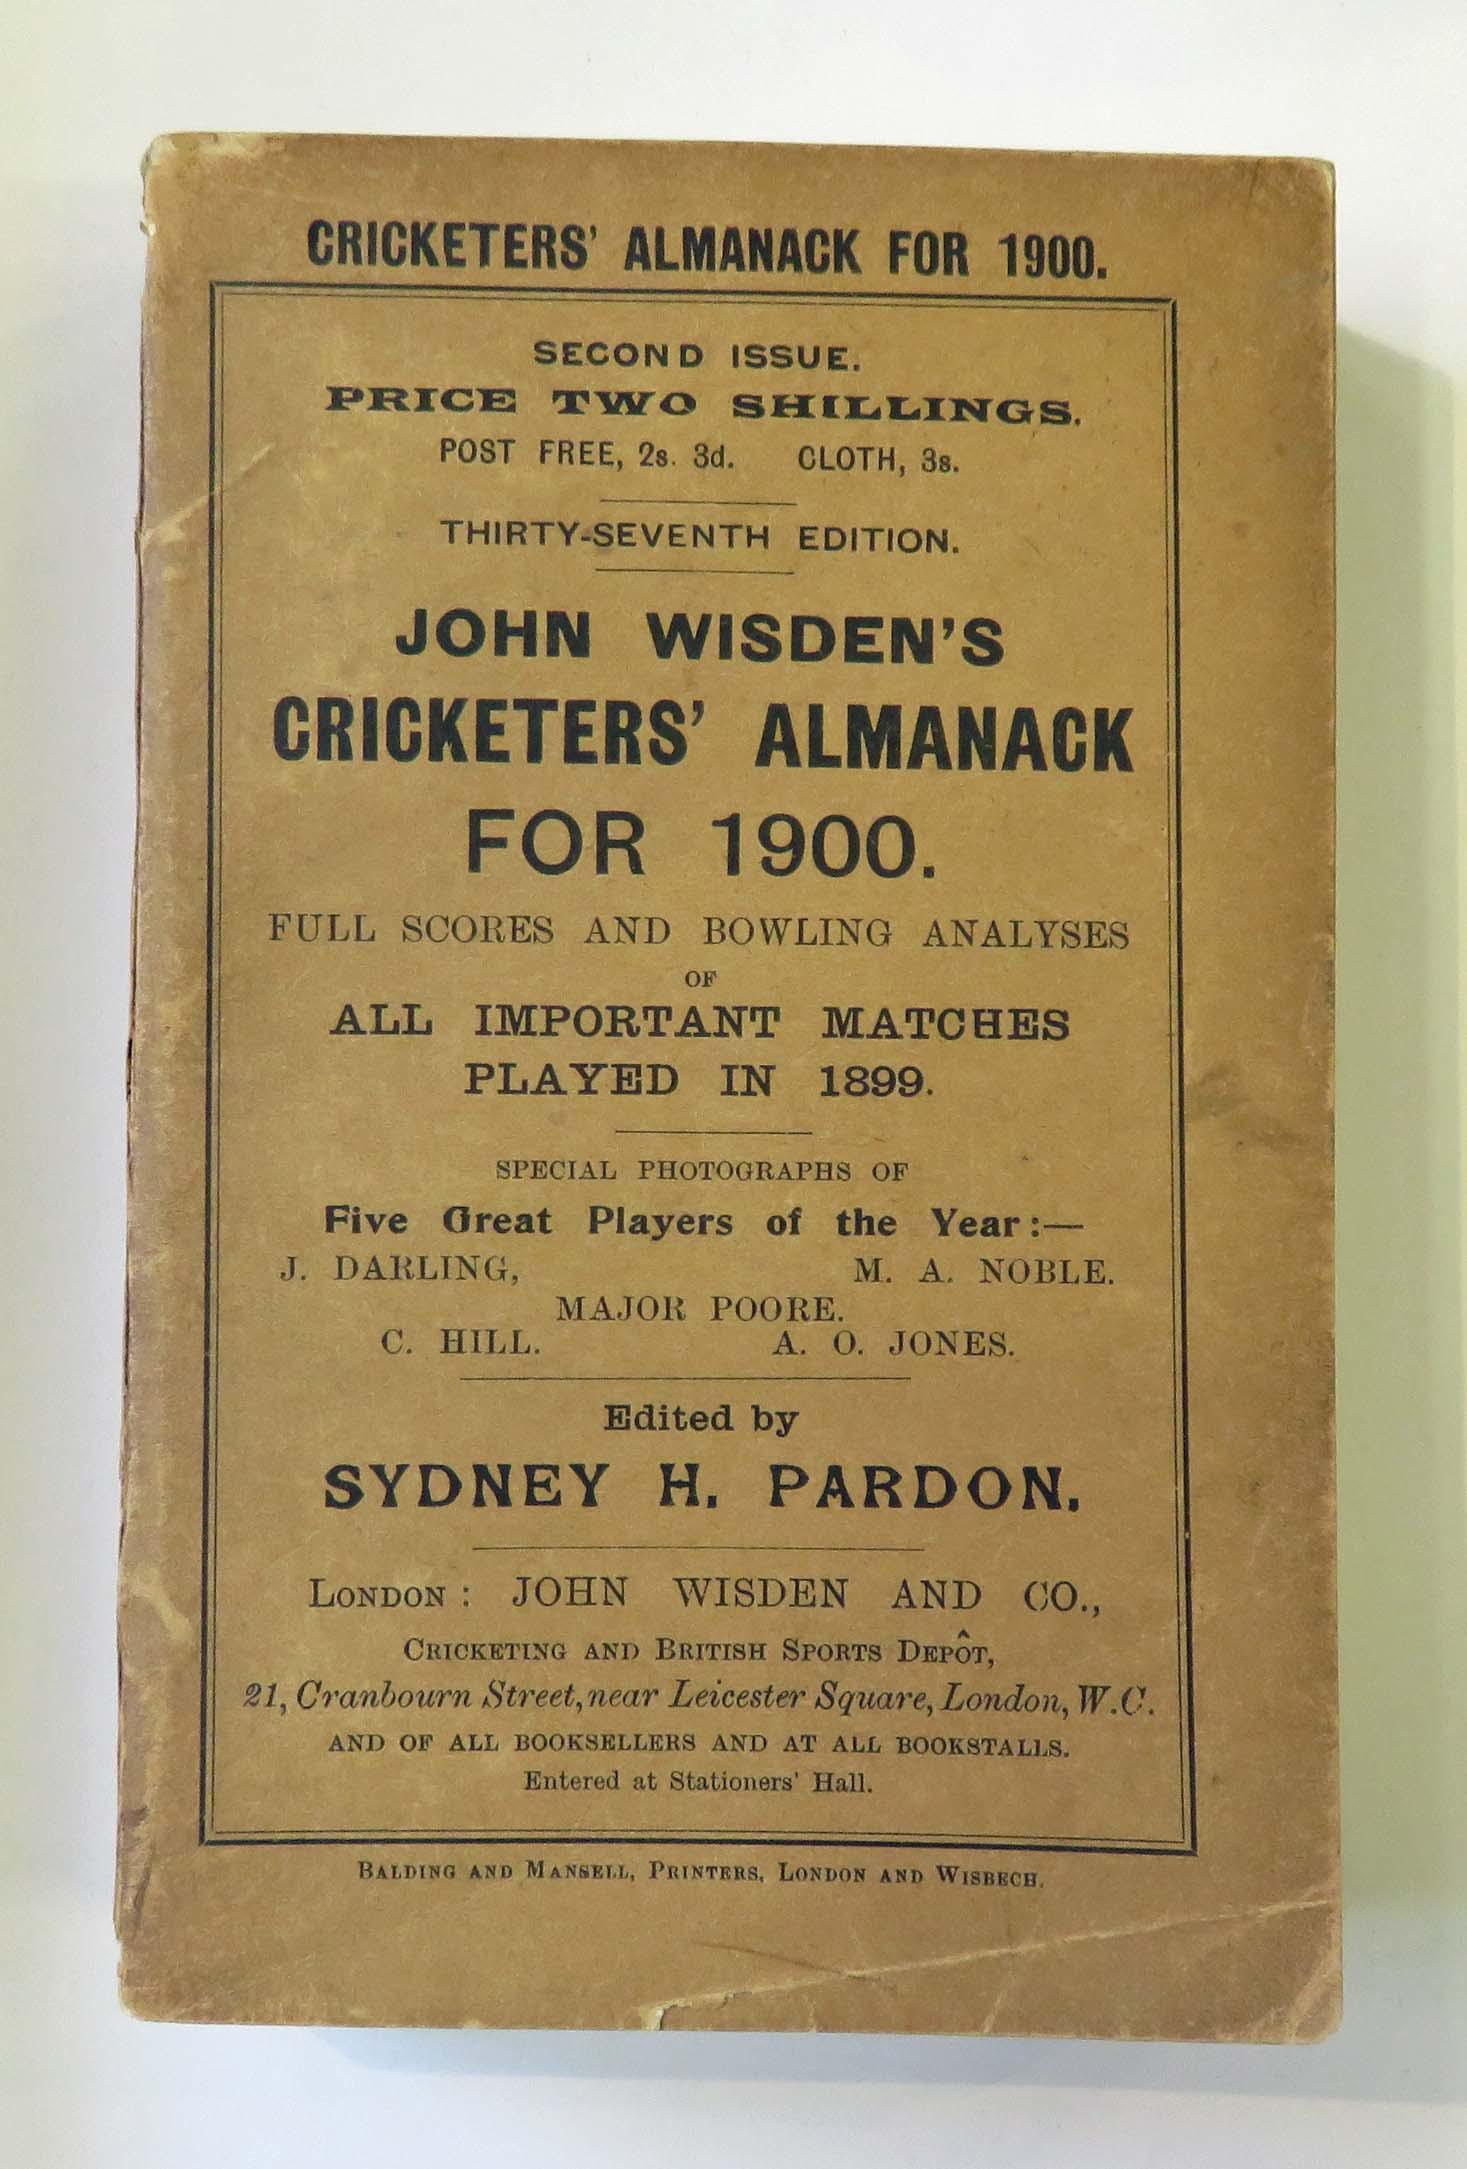 John Wisden's Cricketers' Almanack for 1900